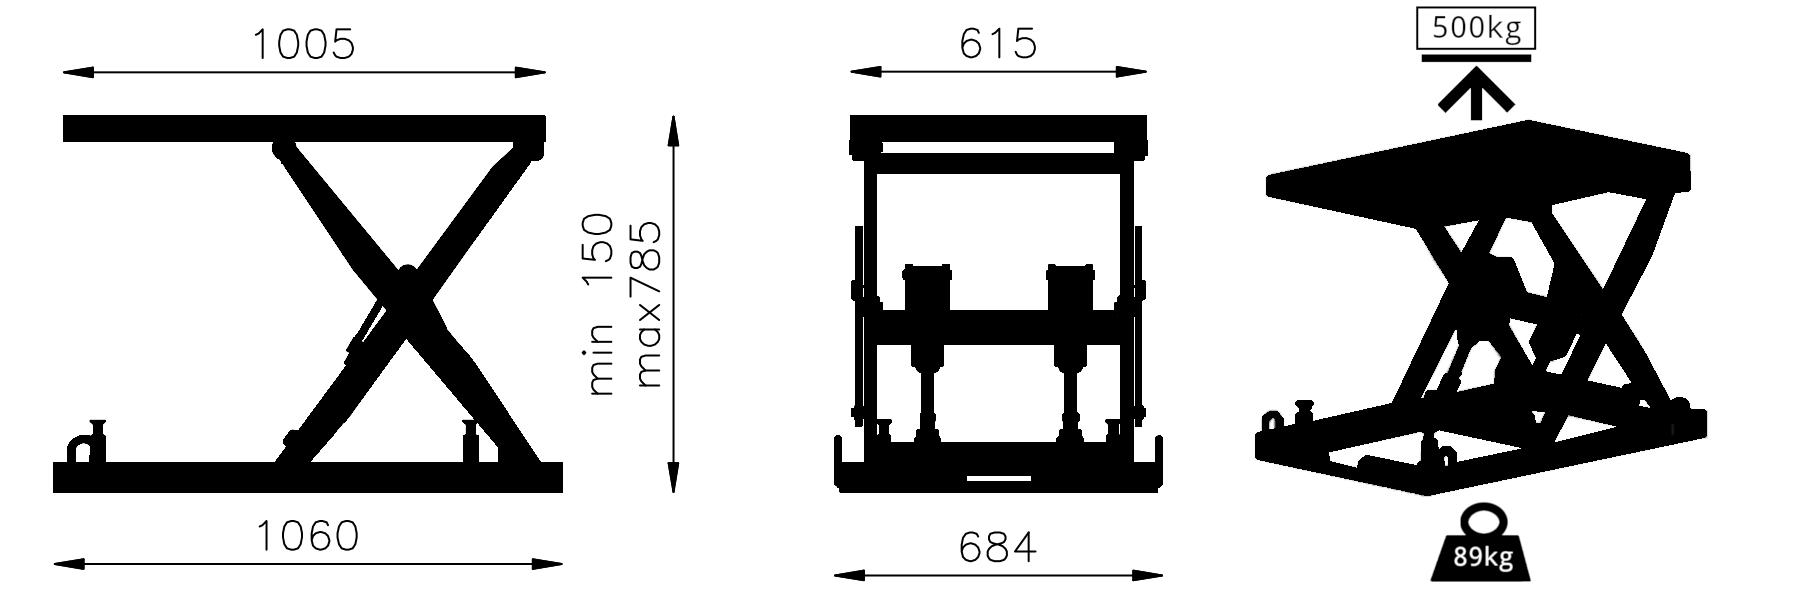 Lift Cad Model